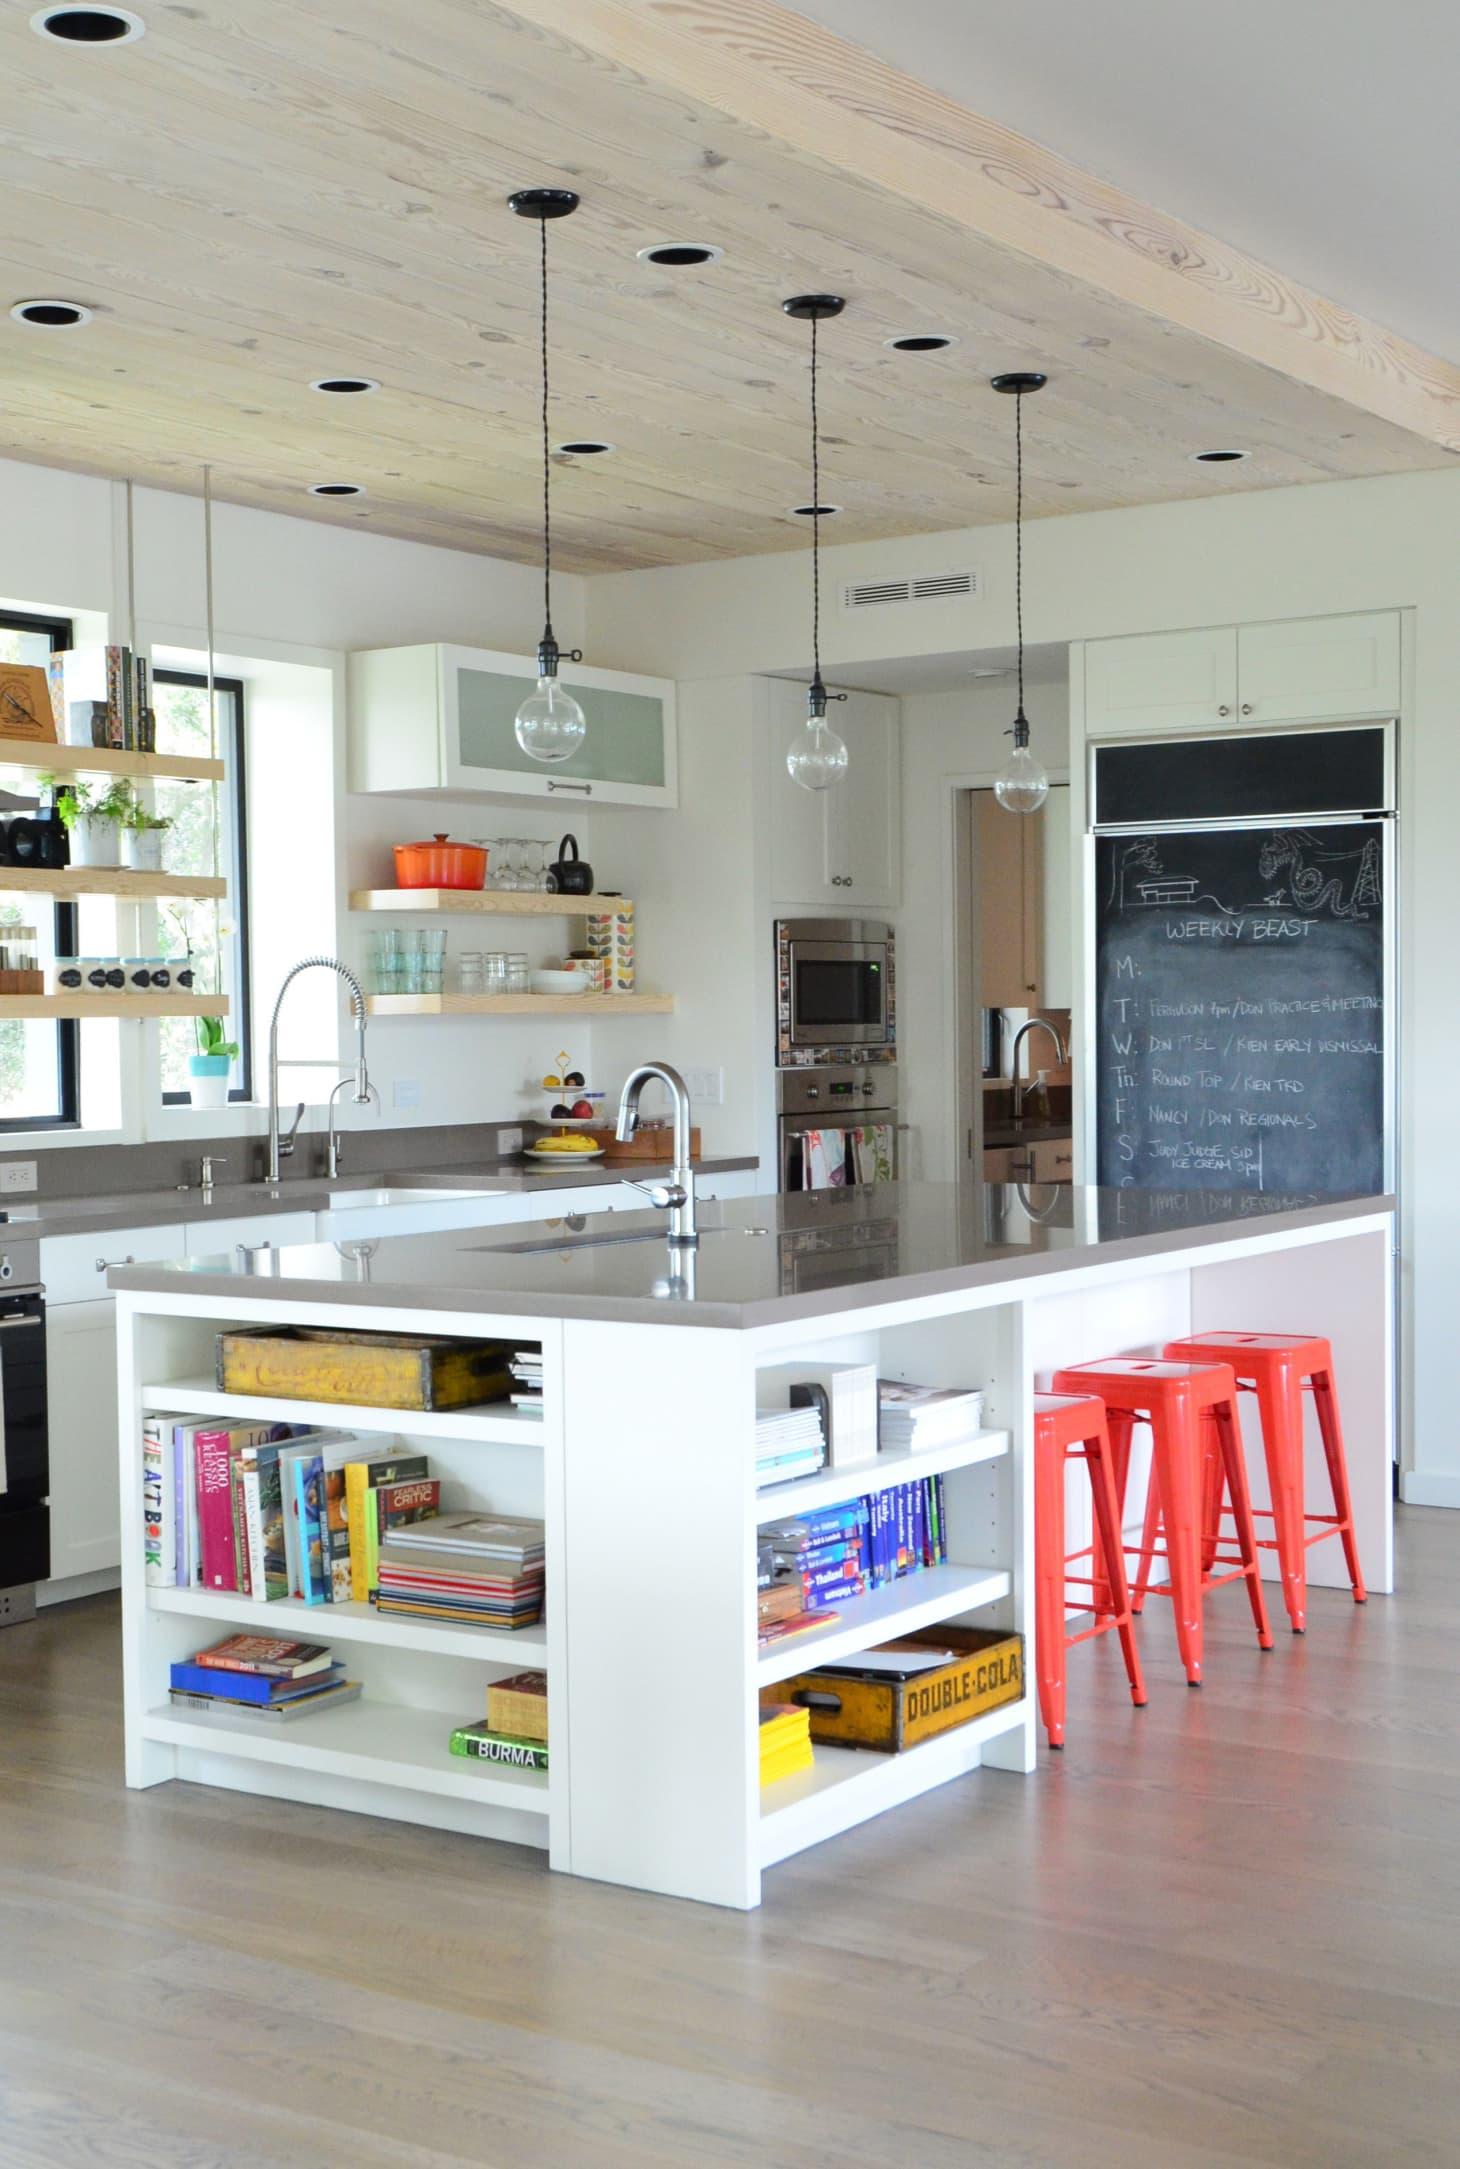 Gallery of Kitchen Island Breakfast Bar Ideas & Inspiration ... on